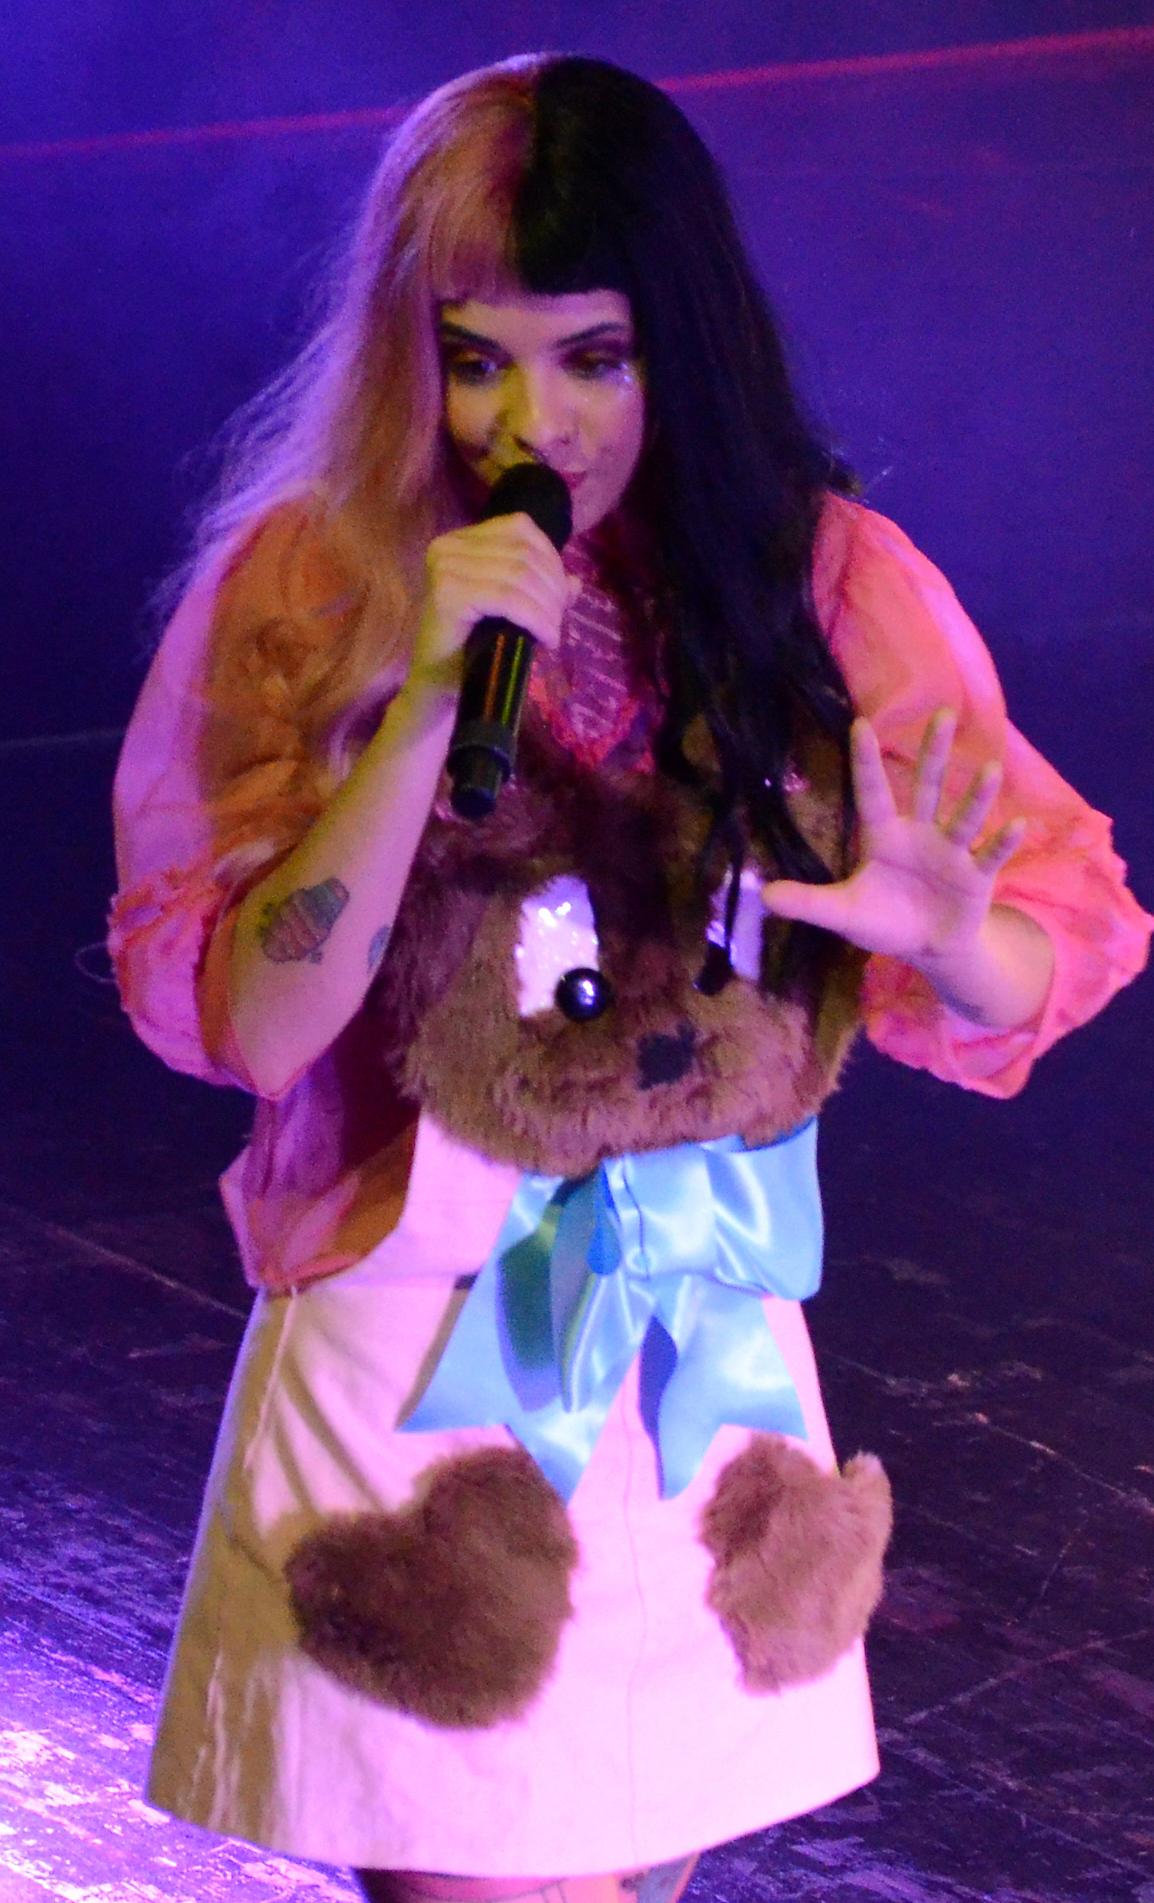 Melanie Martinez Wikipedia >> Melanie Martinez (singer) - Wikiwand